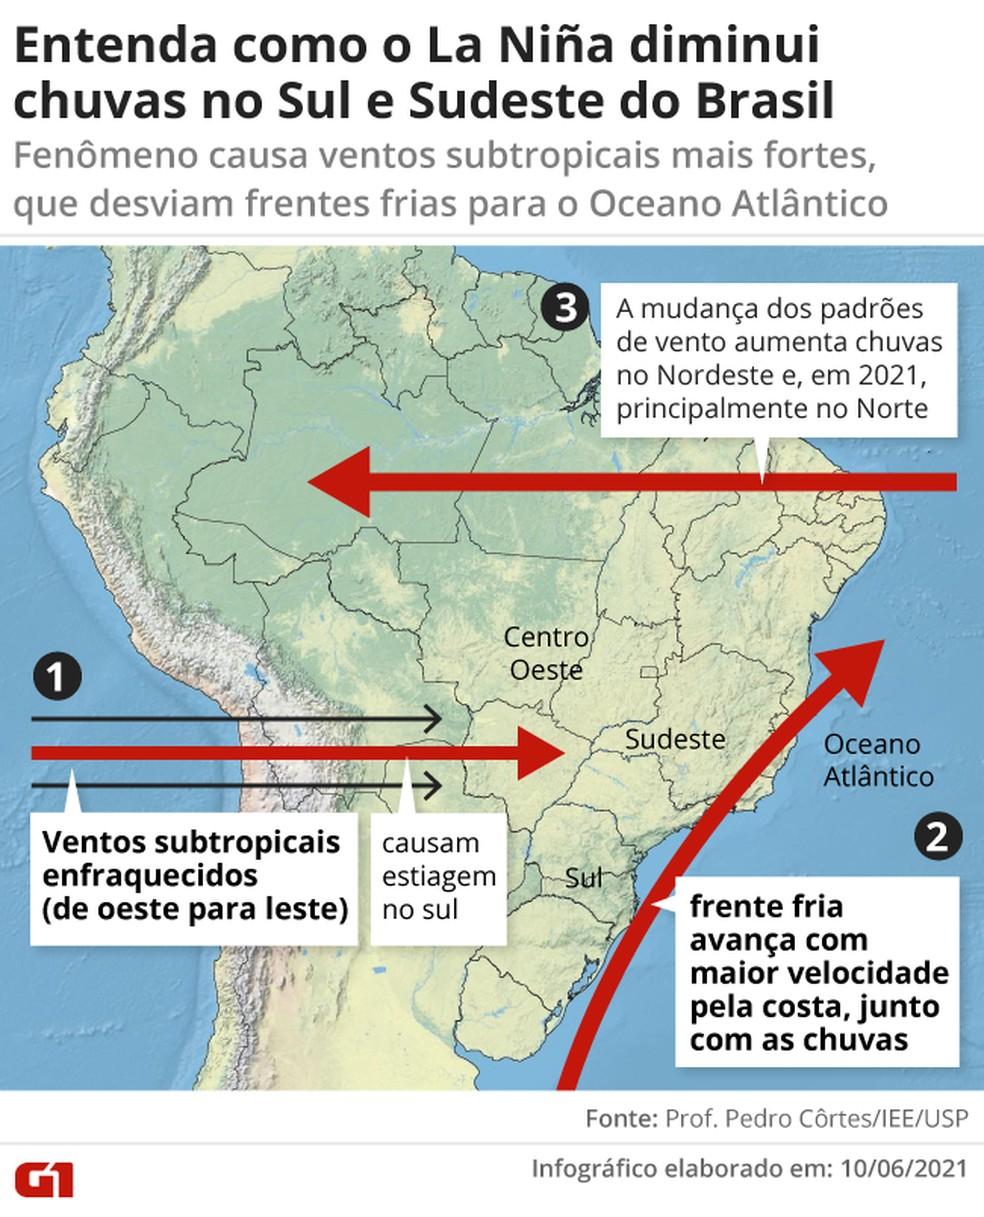 Infográfico simplificado mostra os efeitos no clima causados pelo La Niña  — Foto: G1